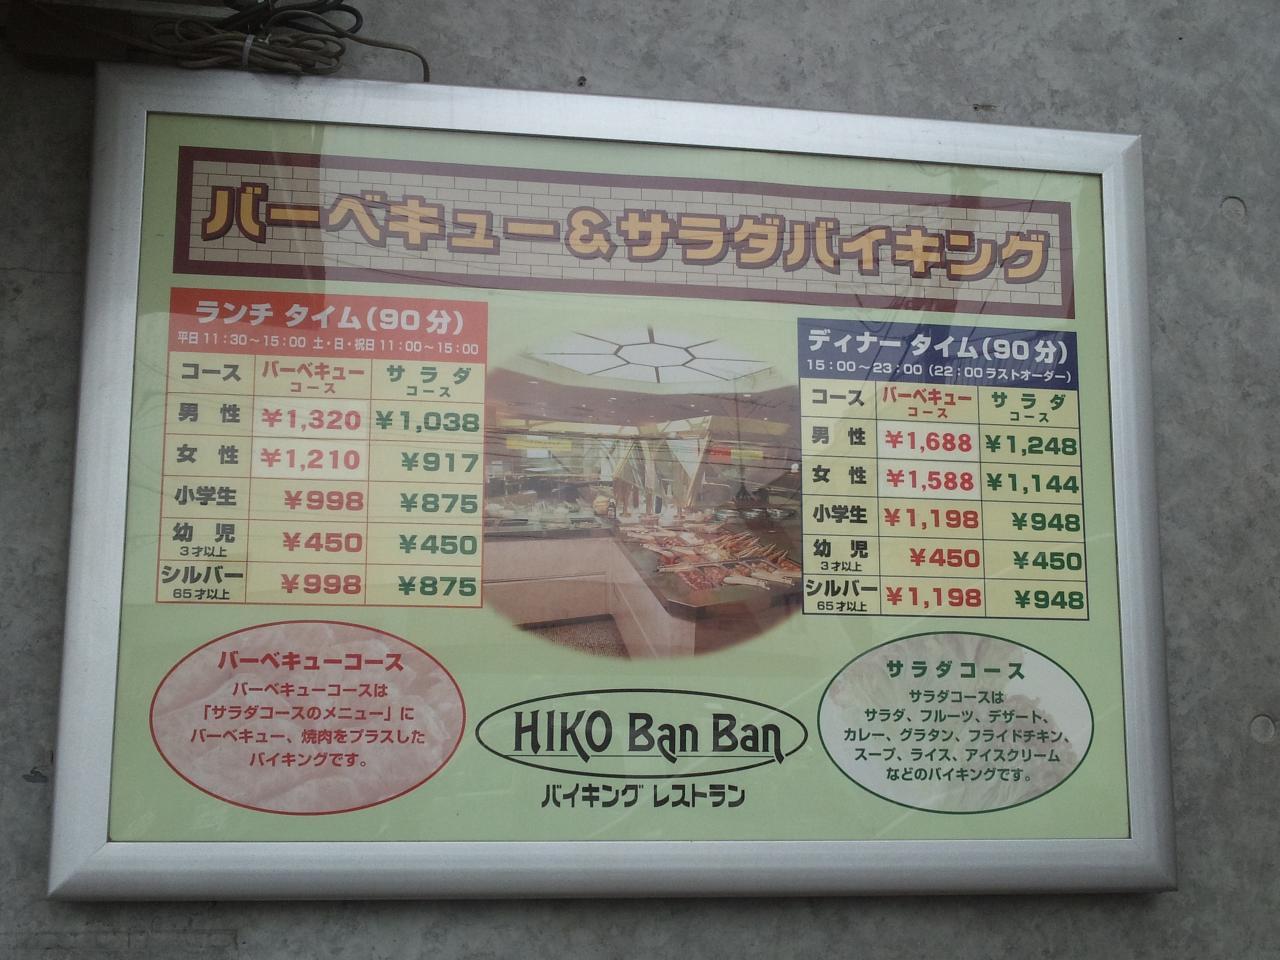 ヒコバンバン(料金)